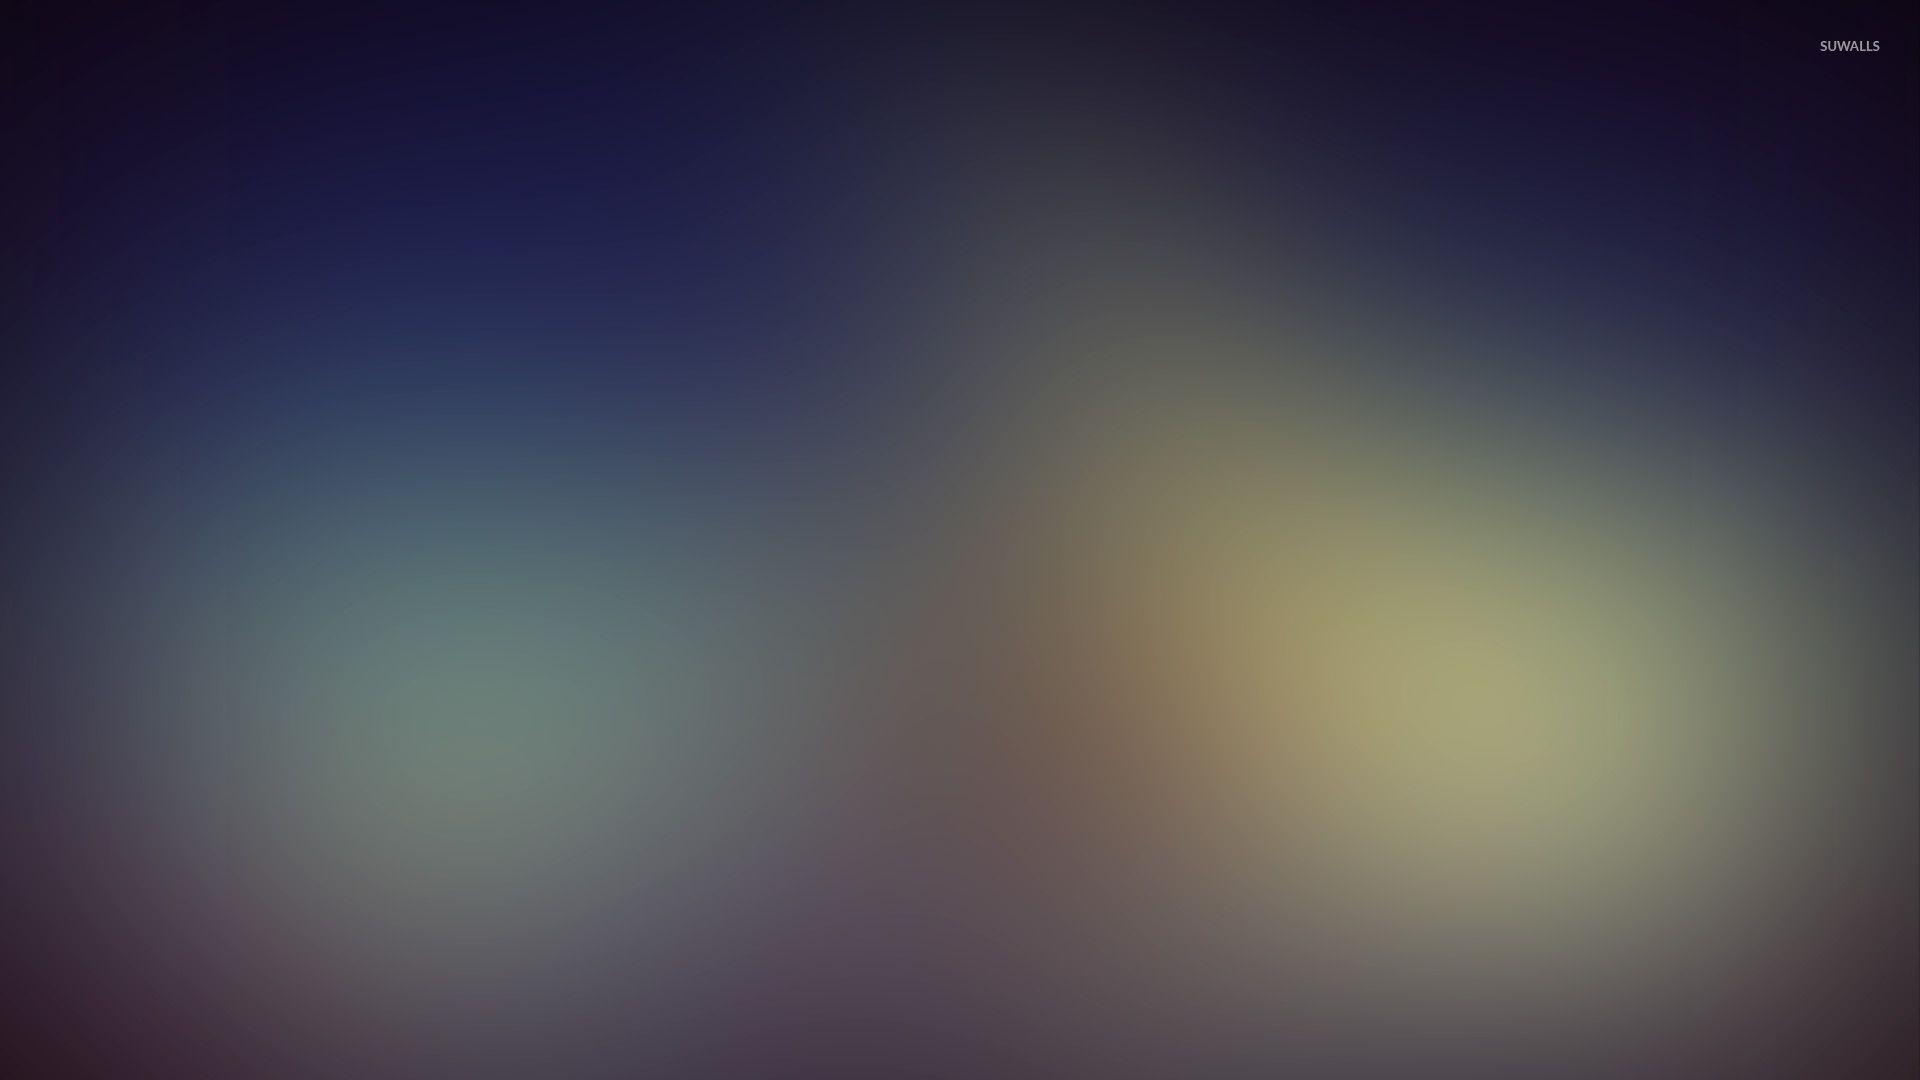 Light Blue Glow Wallpaper Abstract Blur 1920x1080